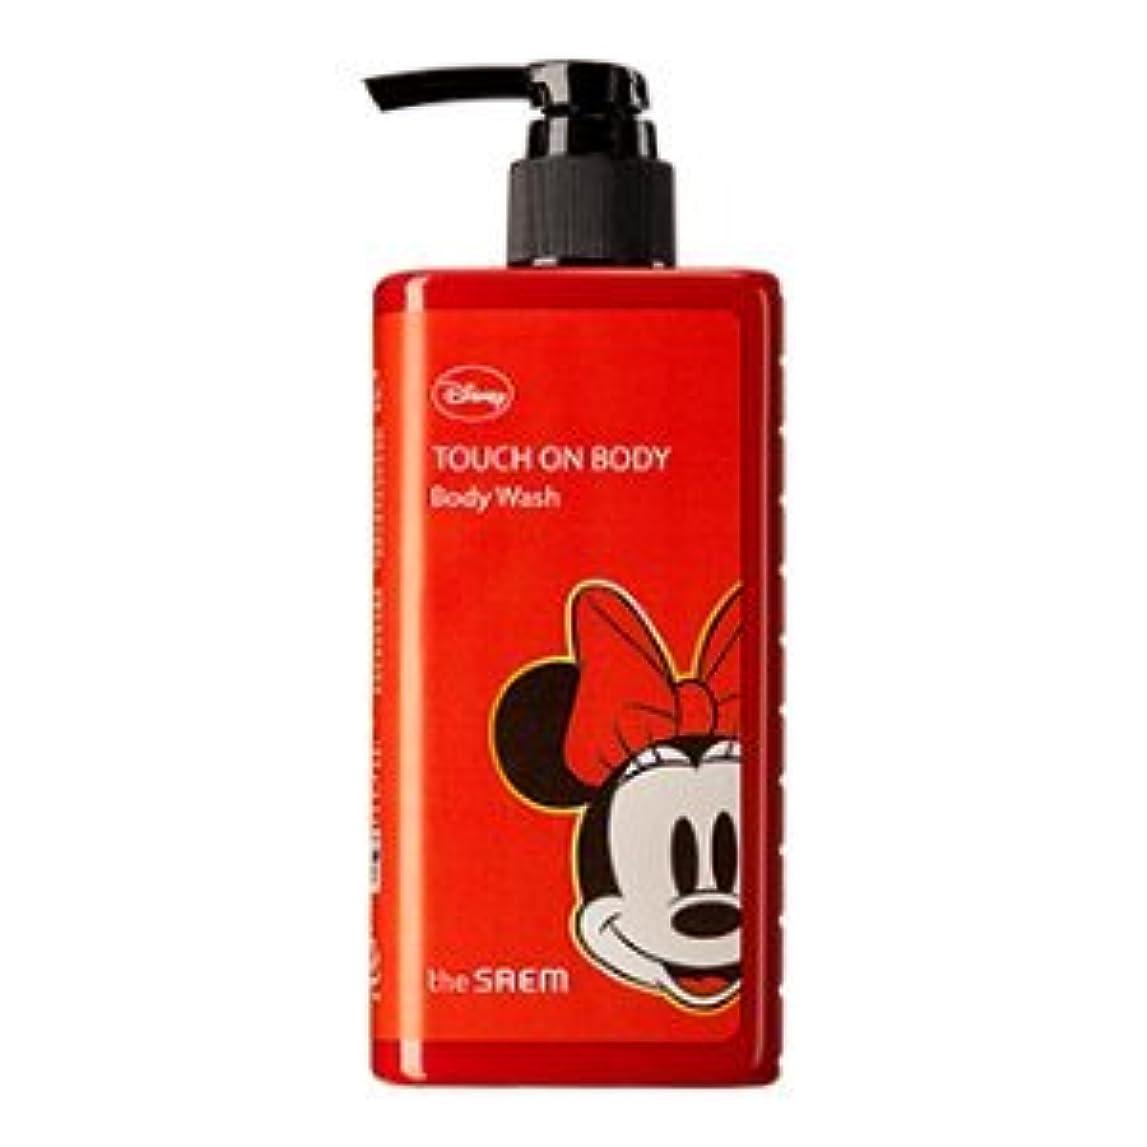 並外れた早熟シリンダー(The Saem X Disney)Touch On Body Acerola Body Wash 300ml / ザセム タッチオンボディーアセロラボディーウォッシュ (ディズニーエディション) [並行輸入品]